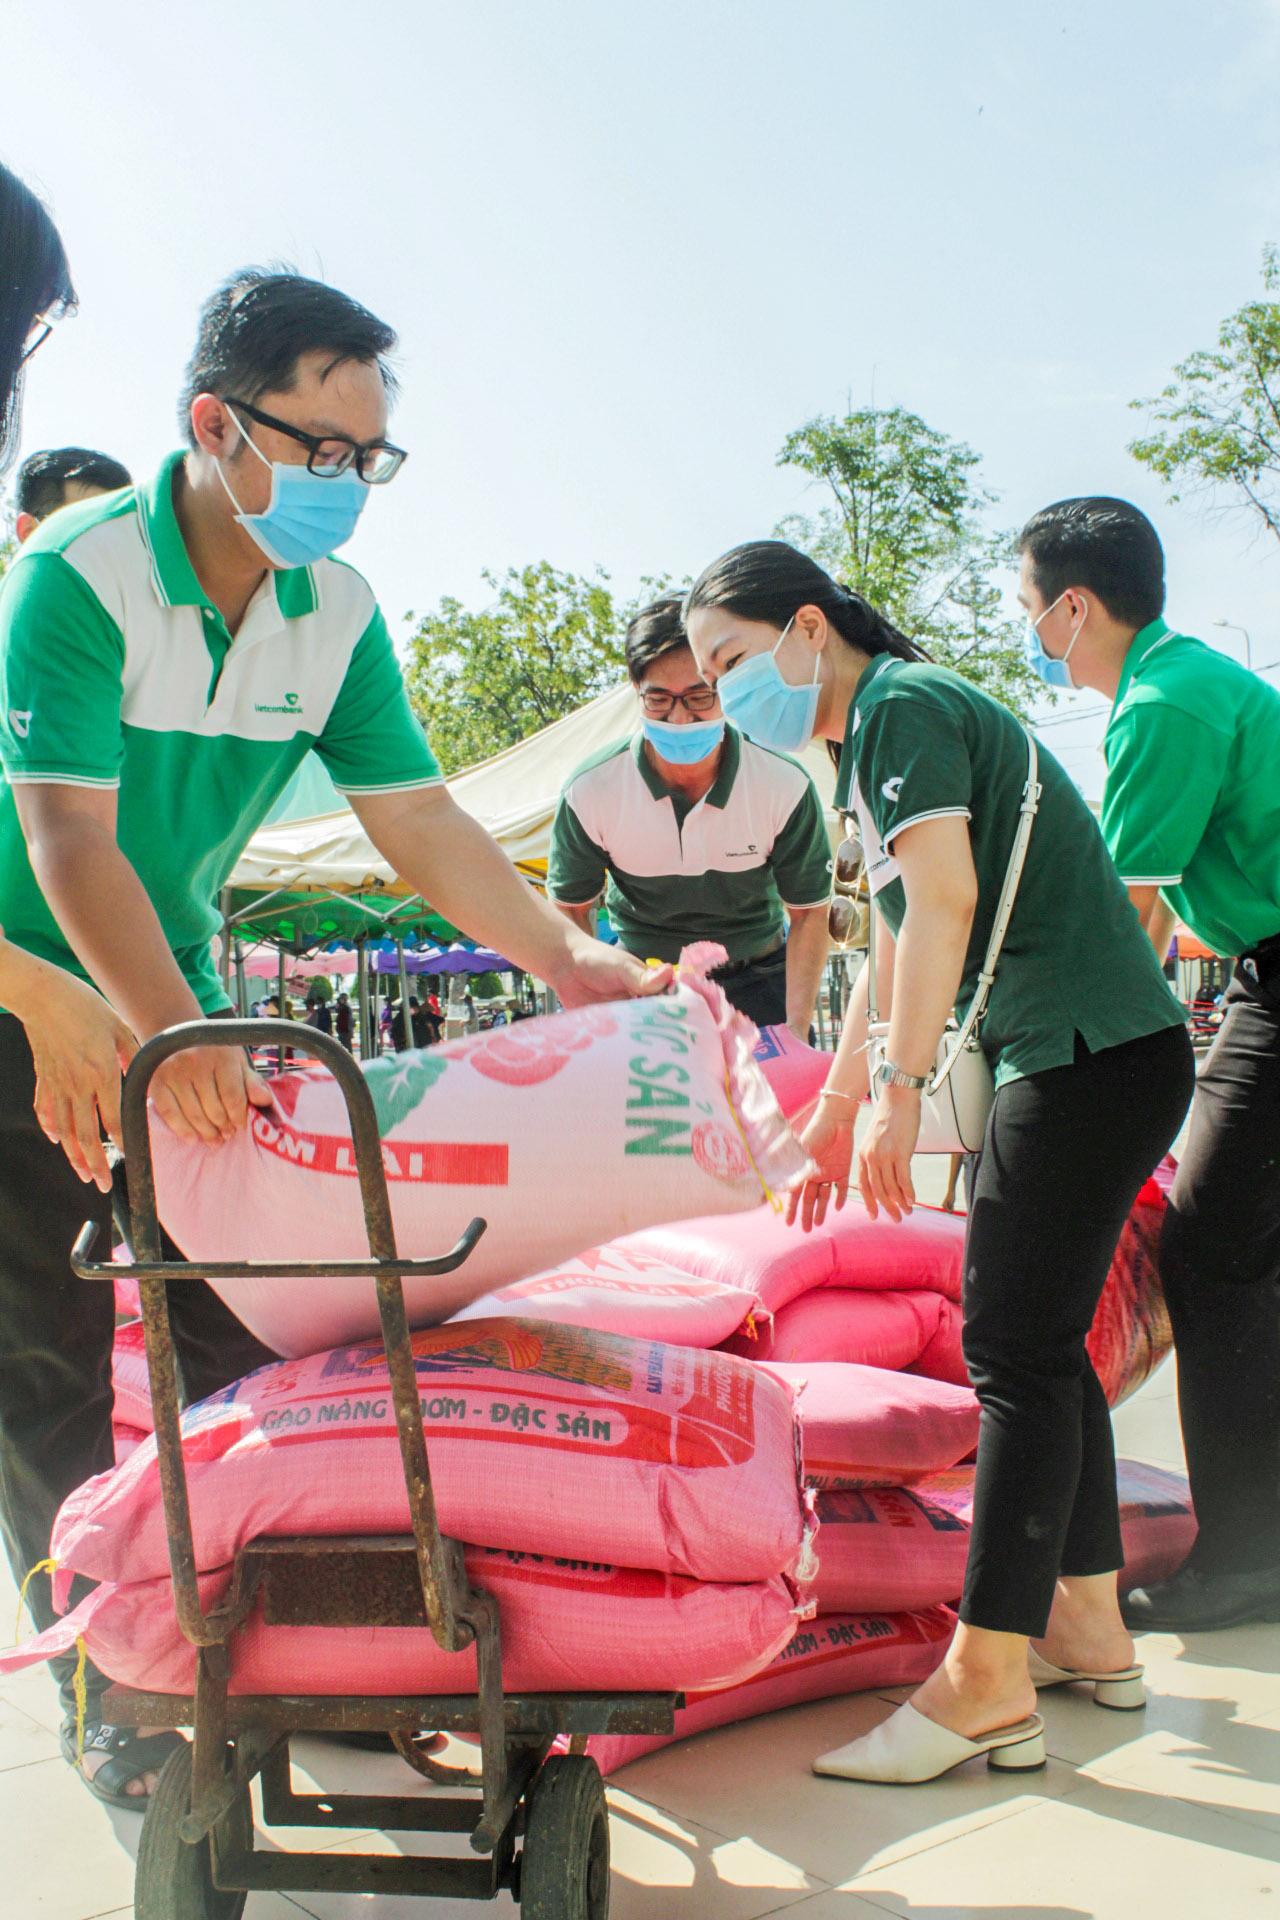 Chi đoàn Vietcombank Bình Định ủng hộ 2,5 tấn gạo hỗ trợ người dân bị ảnh hưởng bởi dịch COVID-19